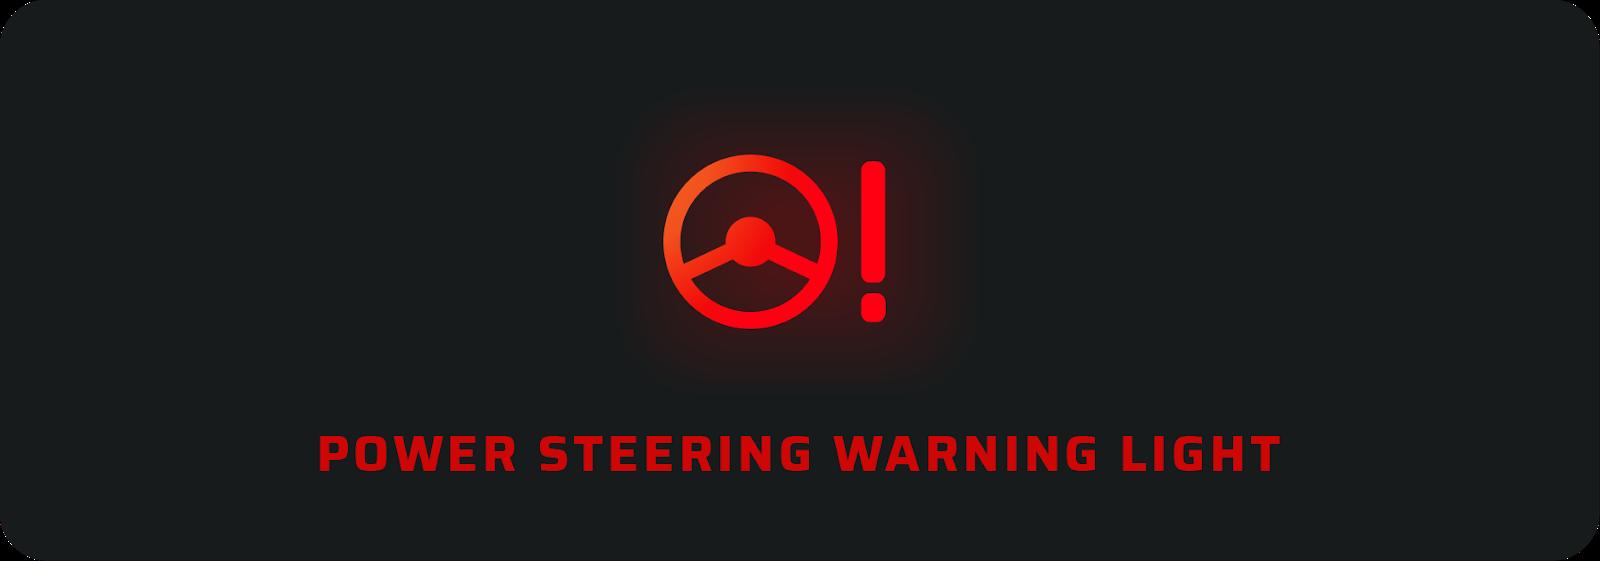 Power steering car warning lights